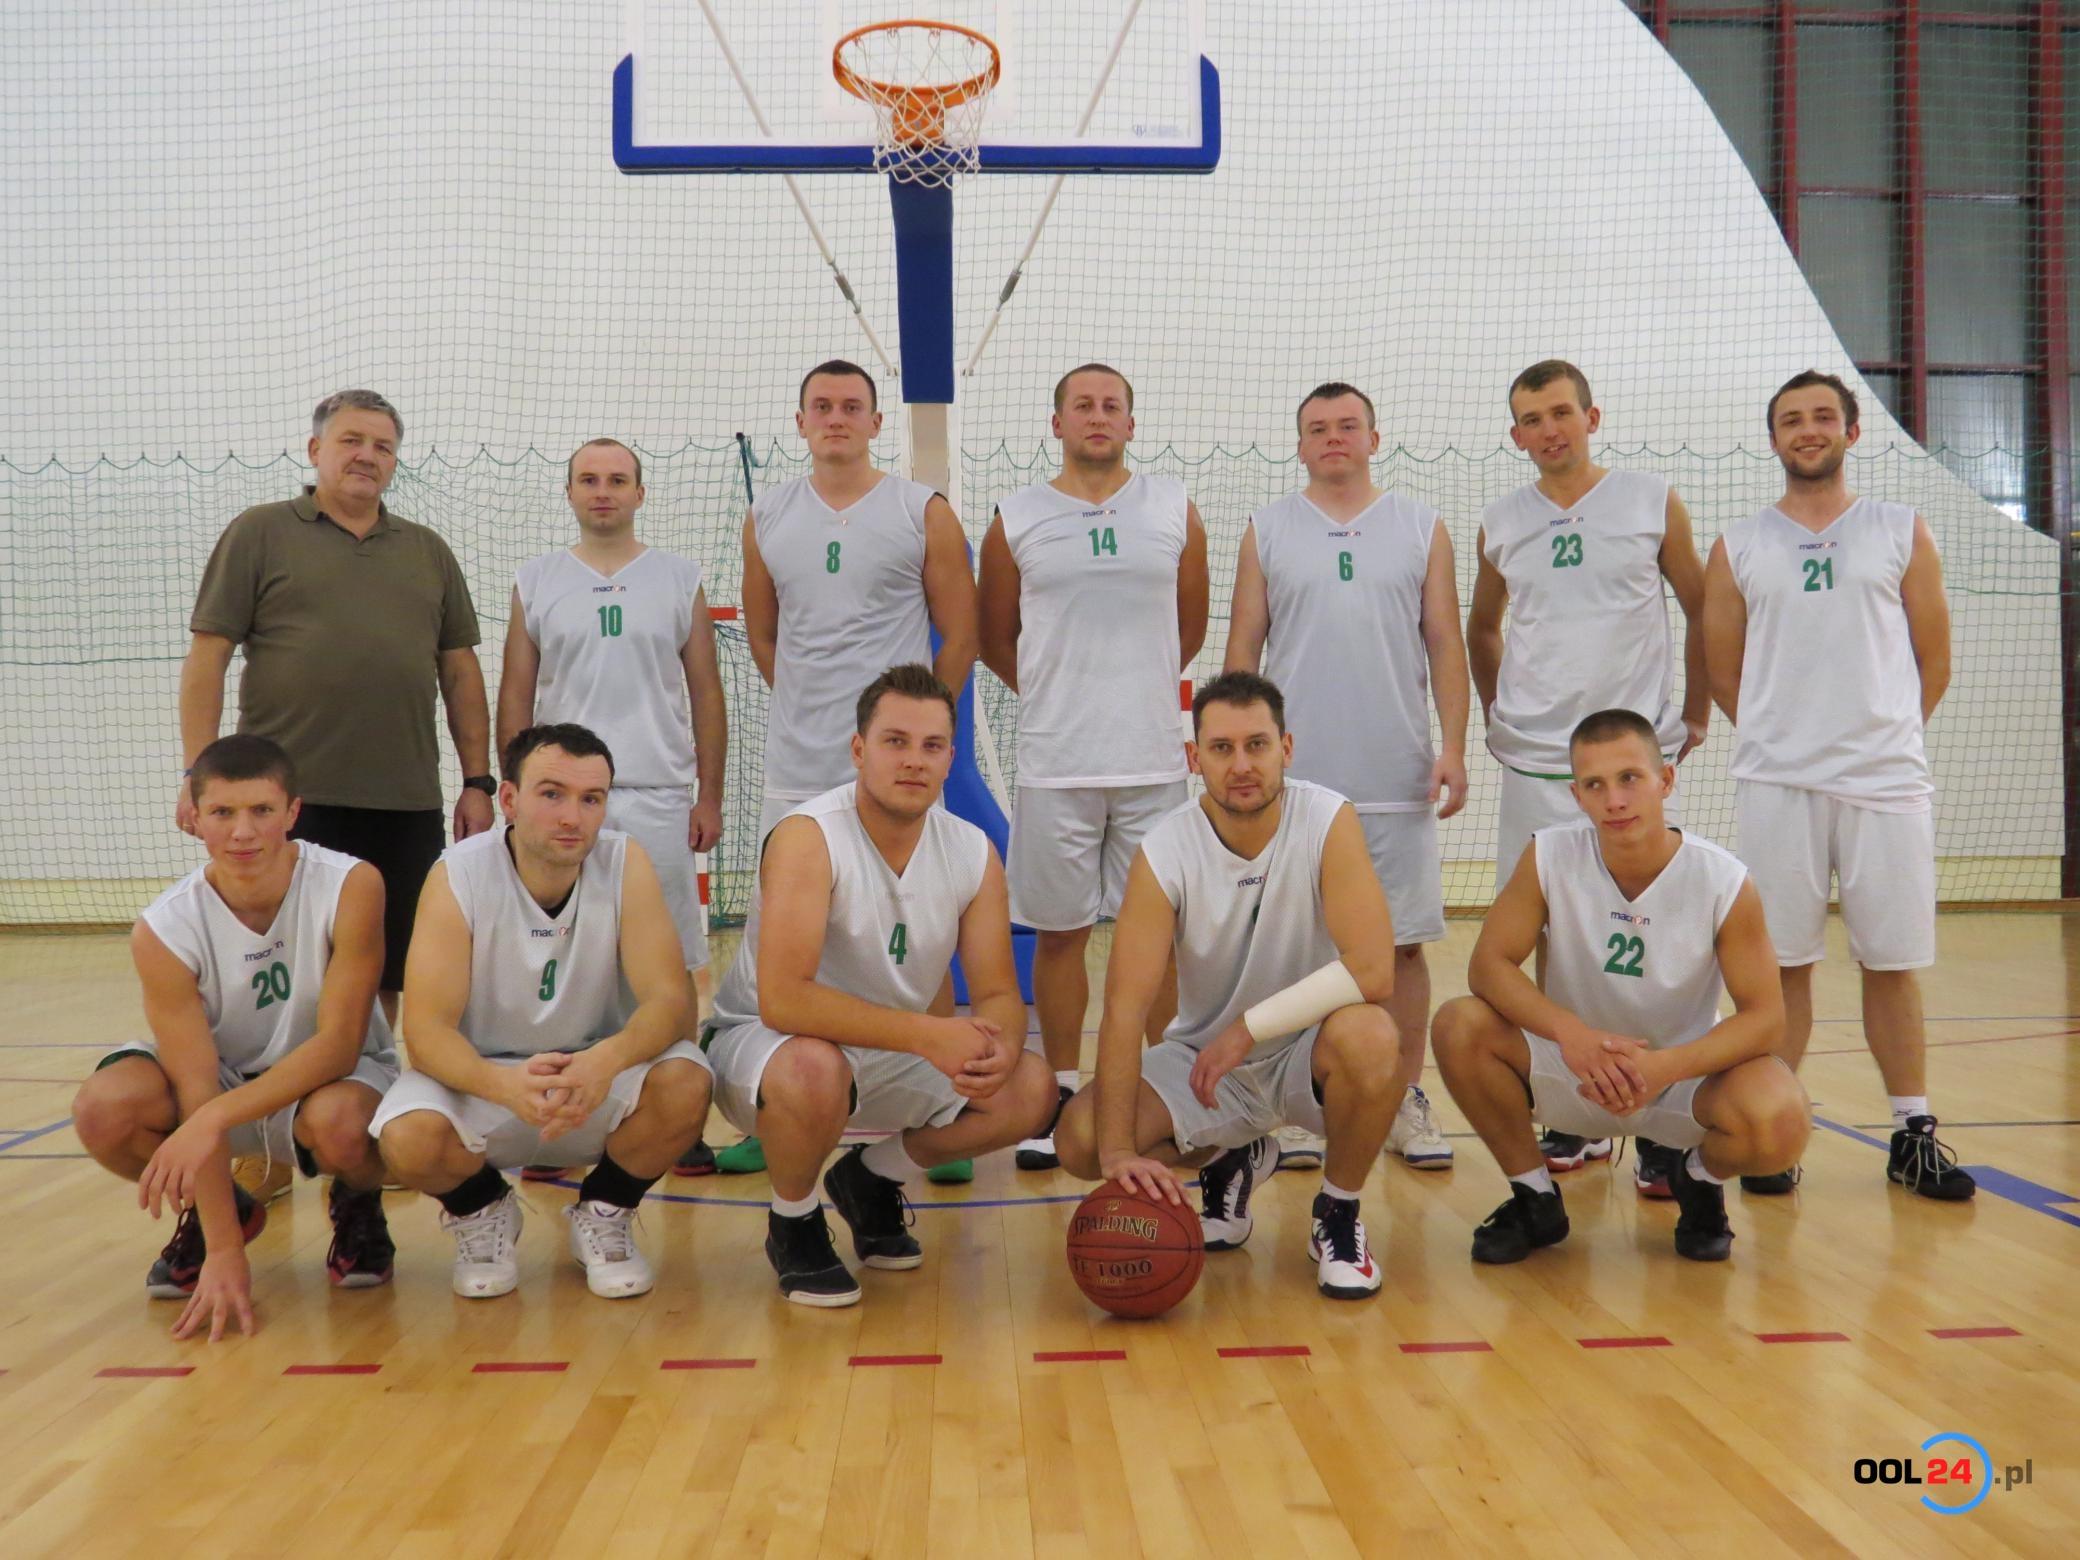 W Oleśnie odradza się silna koszykówka